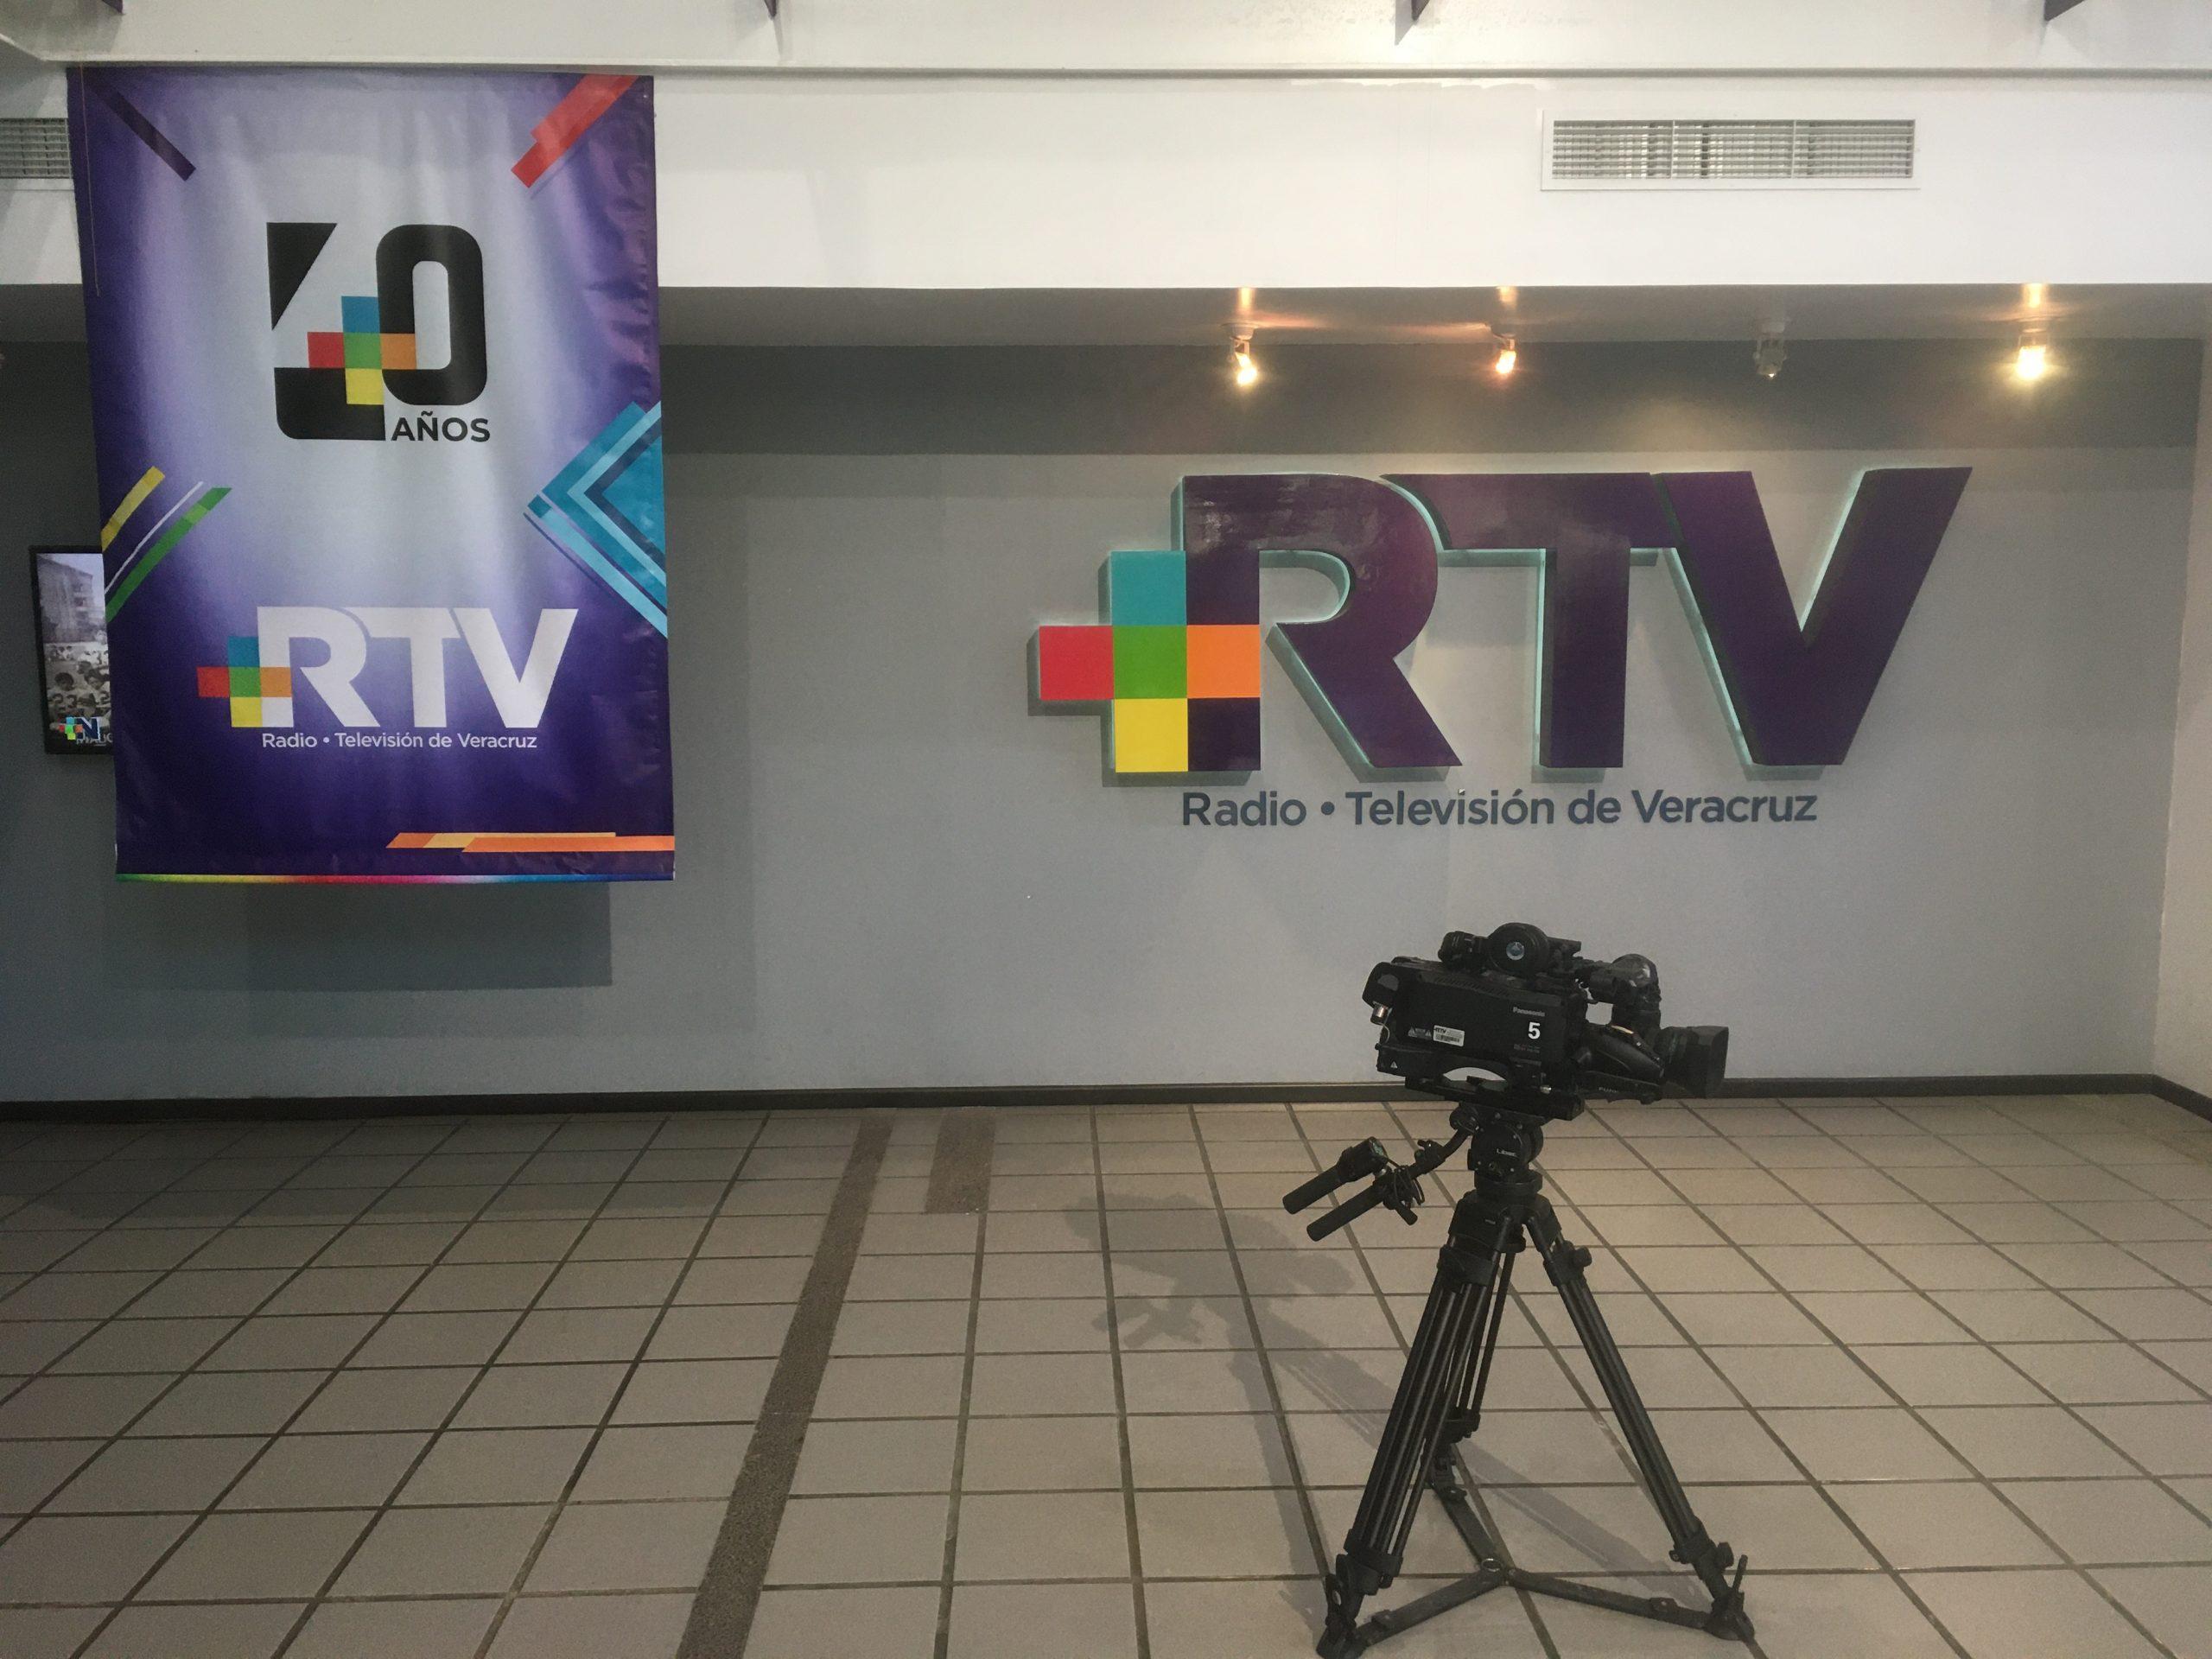 40 aniversario de RTV